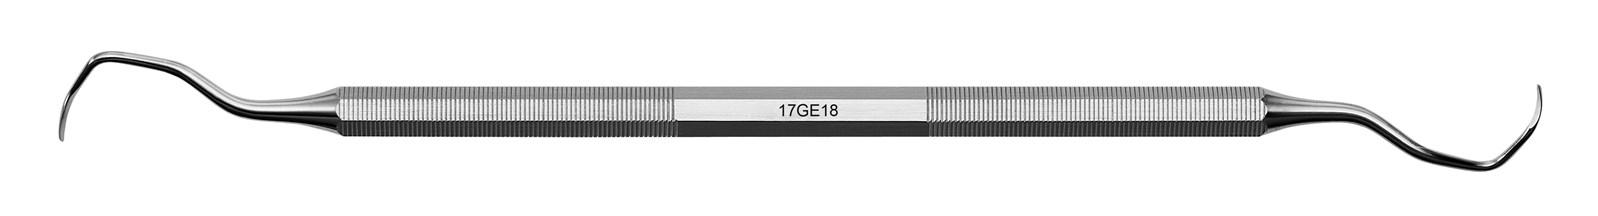 Kyreta Gracey Classic - 17GE18, ADEP silikonový návlek světle modrý